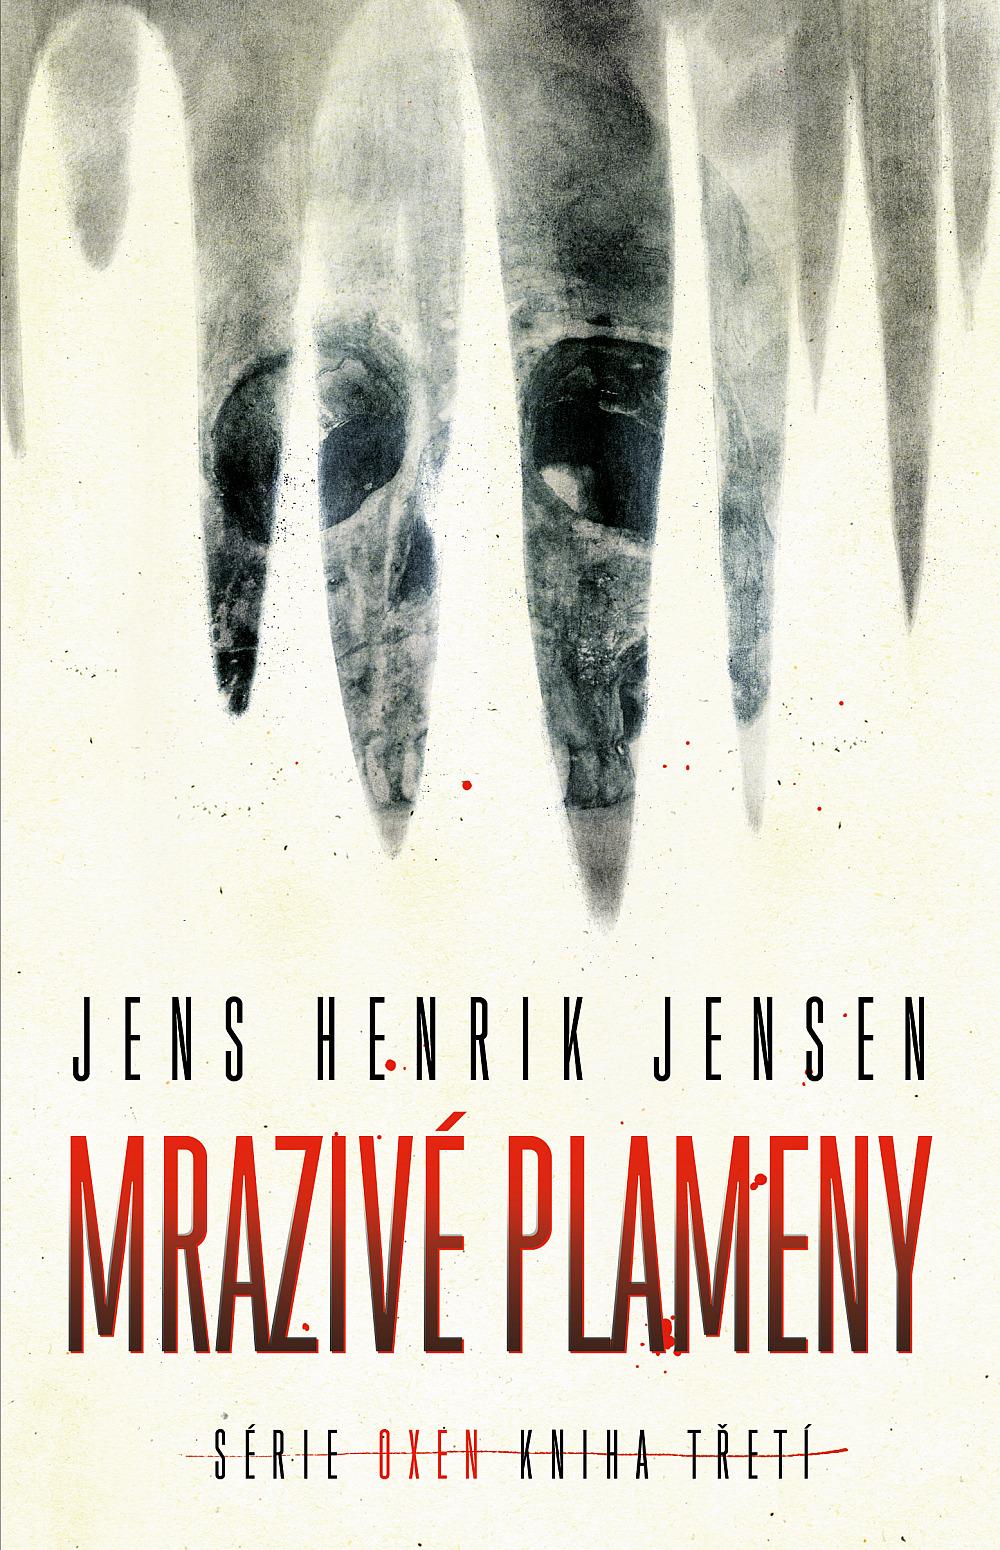 big_mrazive-plameny-MpA-394605